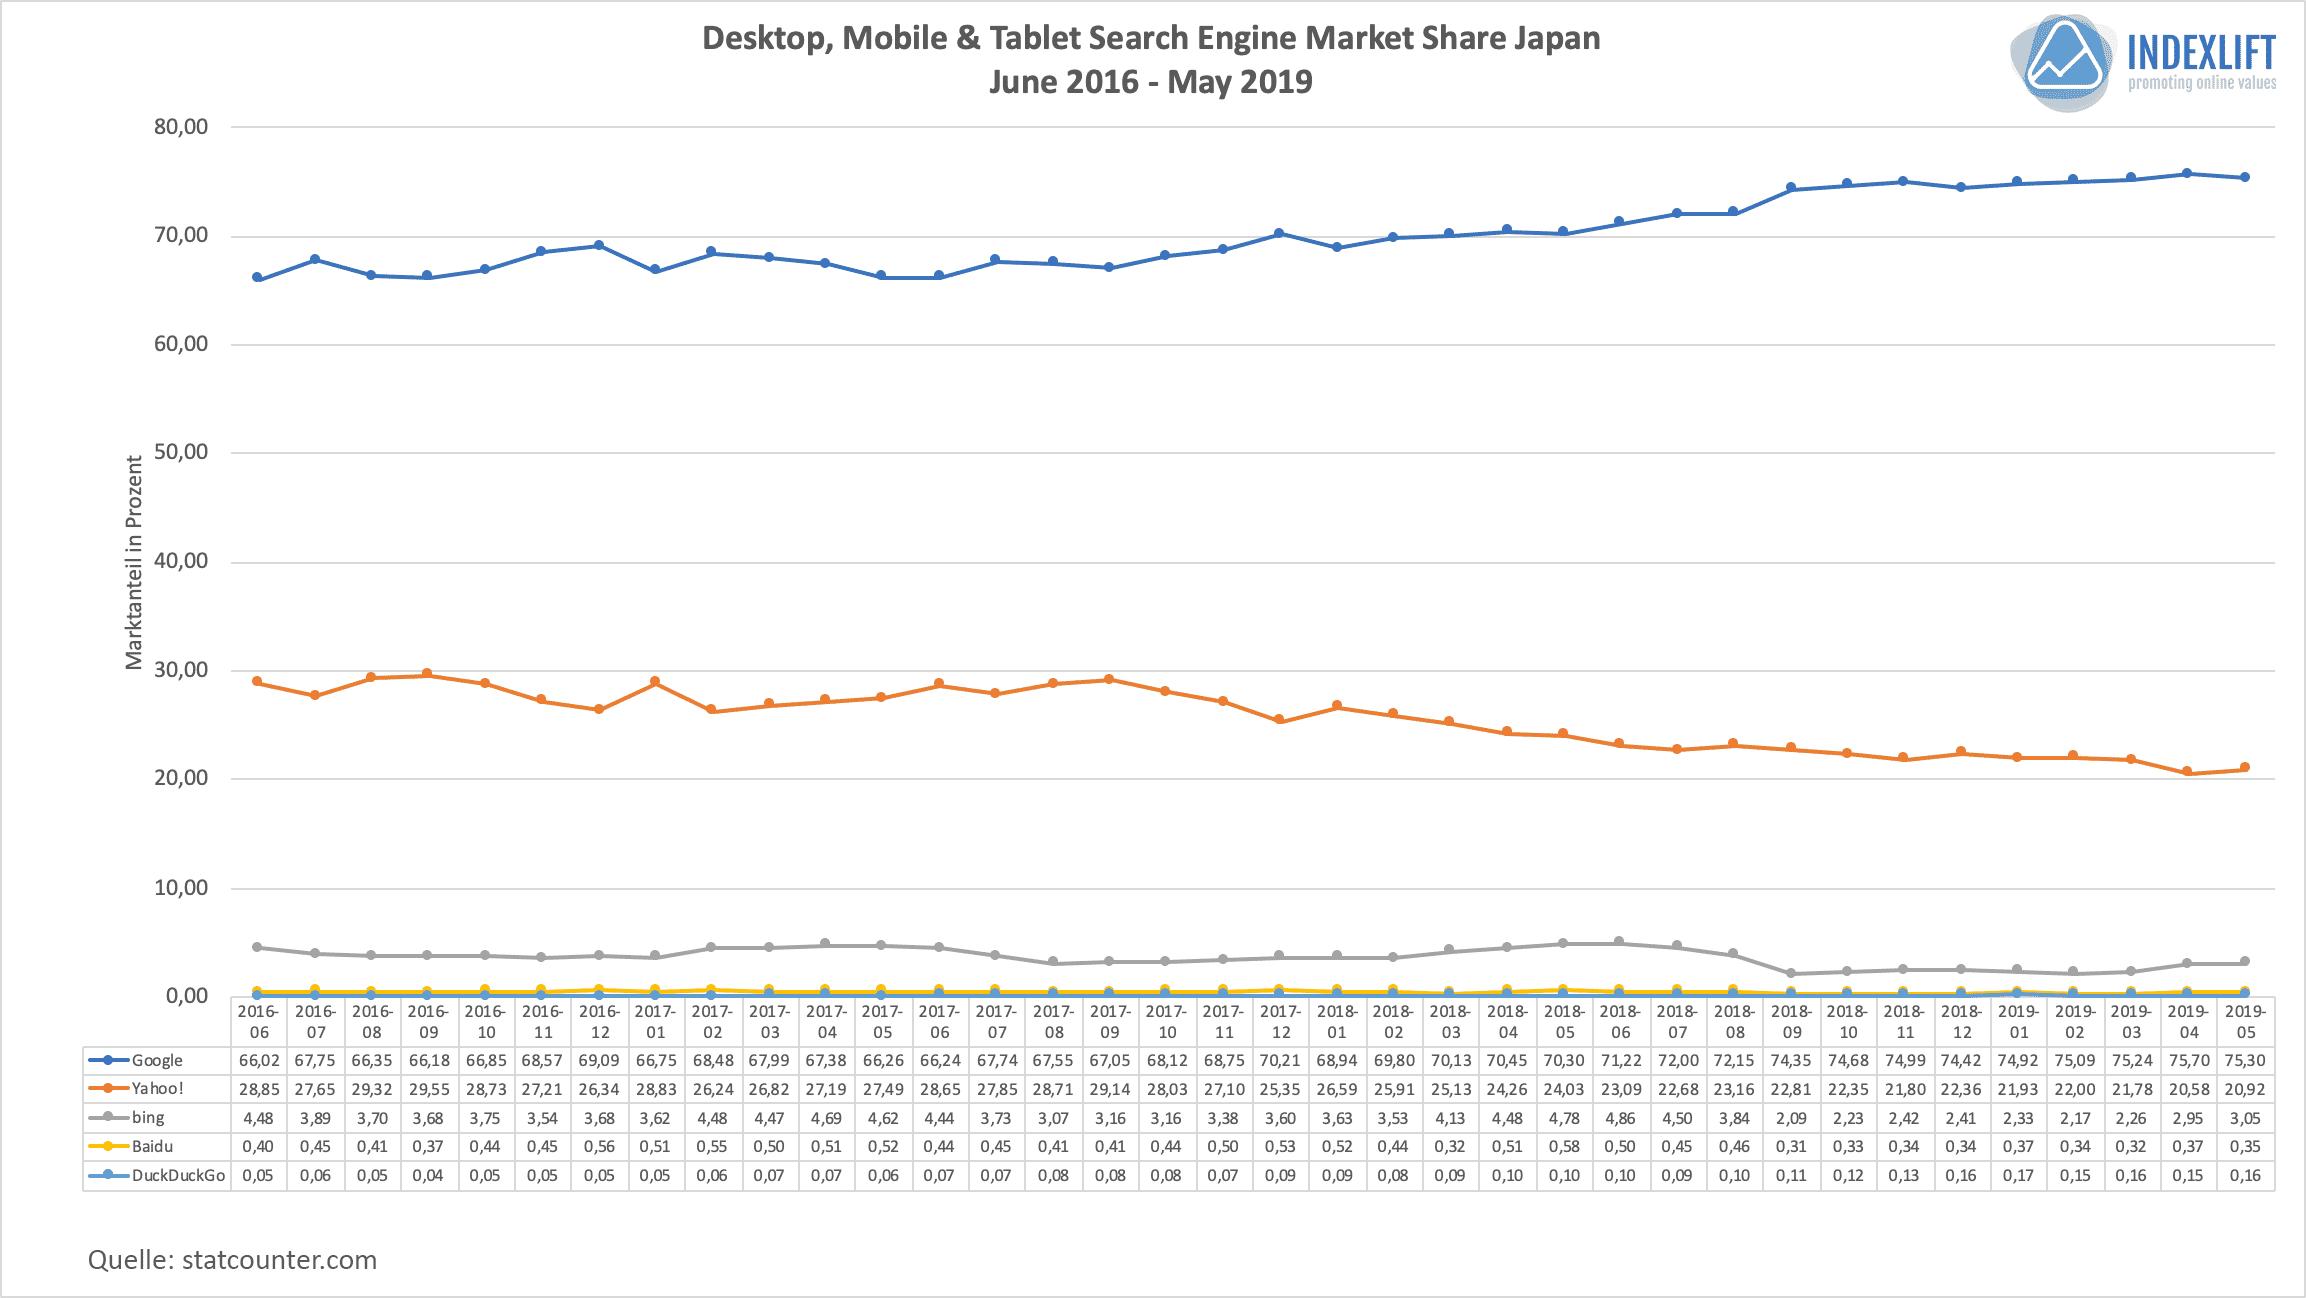 Suchmaschinen-Verteilung in Japan